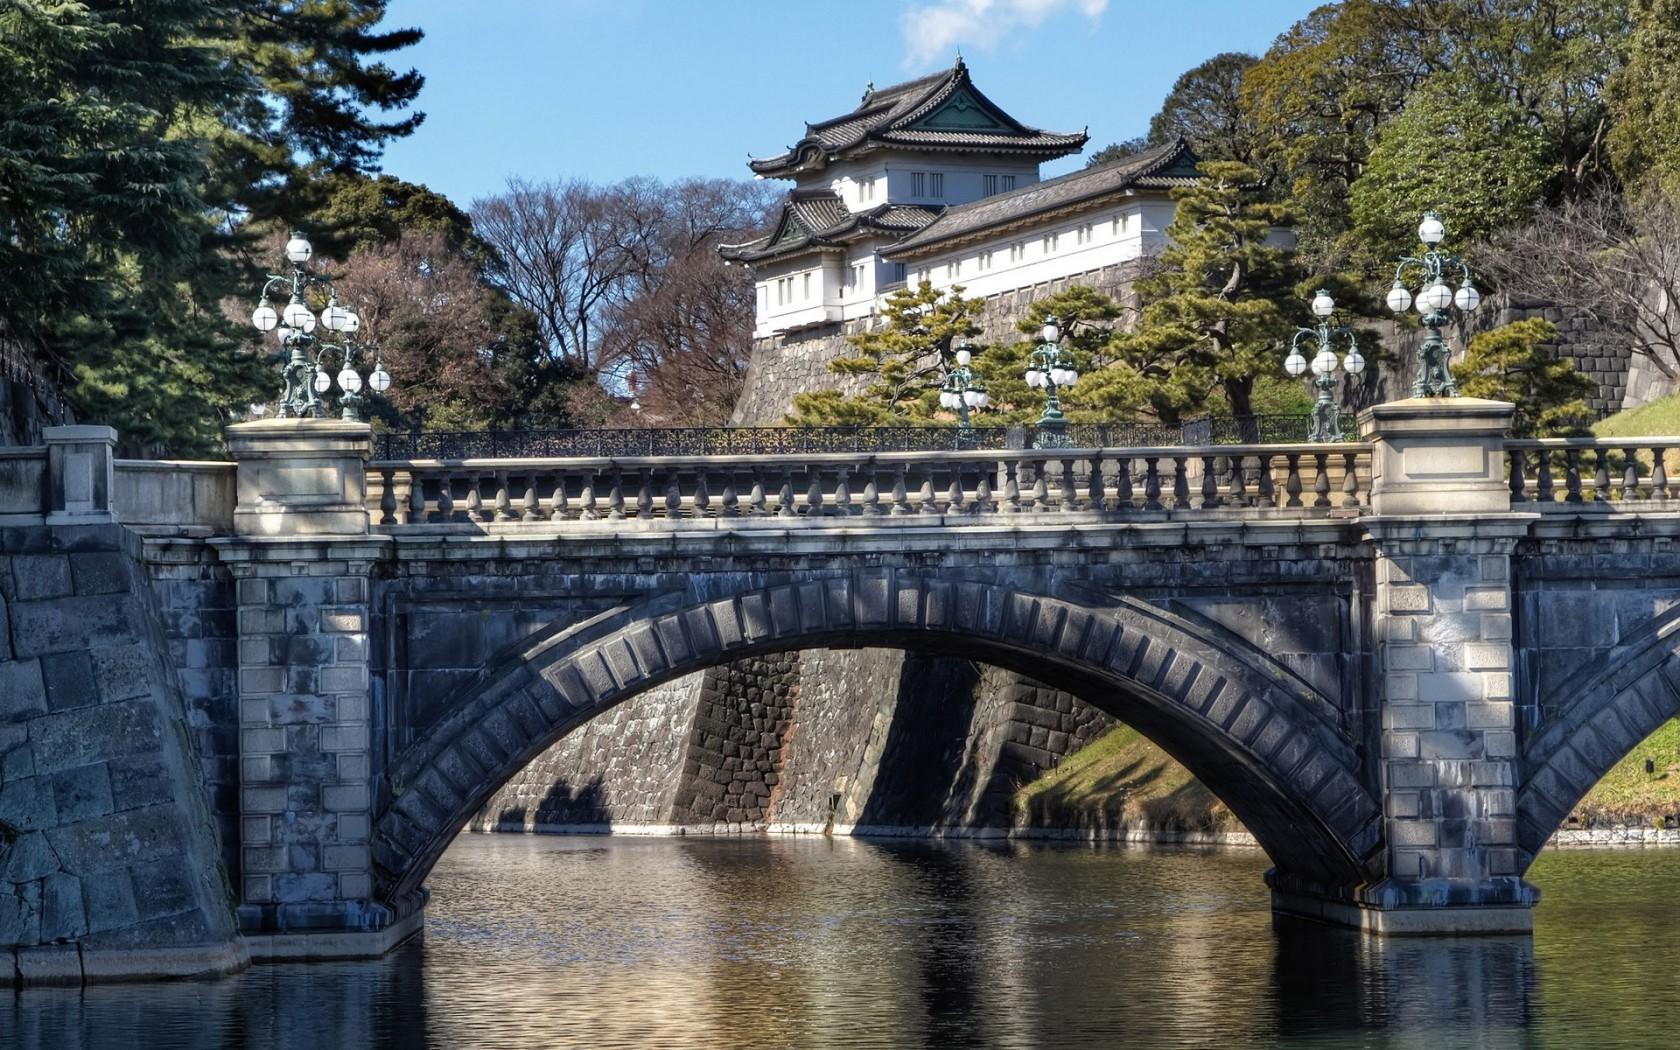 5 Tempat Wisata Menarik di Jepang yang Wajib Di Kunjungi!